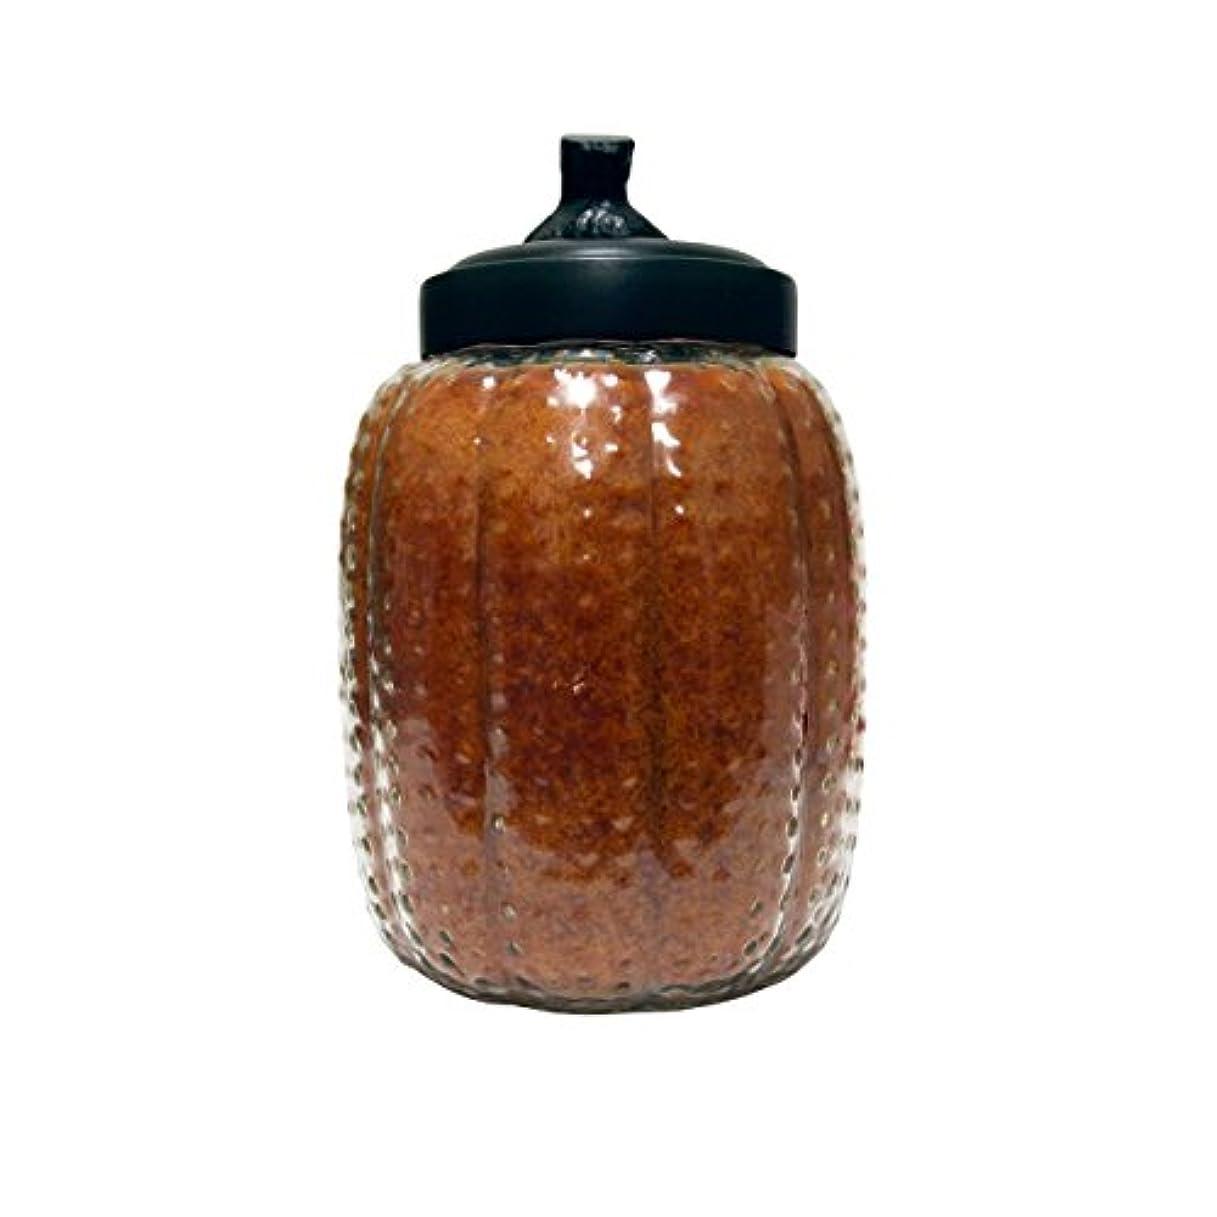 抽出火山スマートA Cheerful Giver Autumn Orchards Pumpkin Jar Candle, 26-Ounce by Cheerful Giver [並行輸入品]